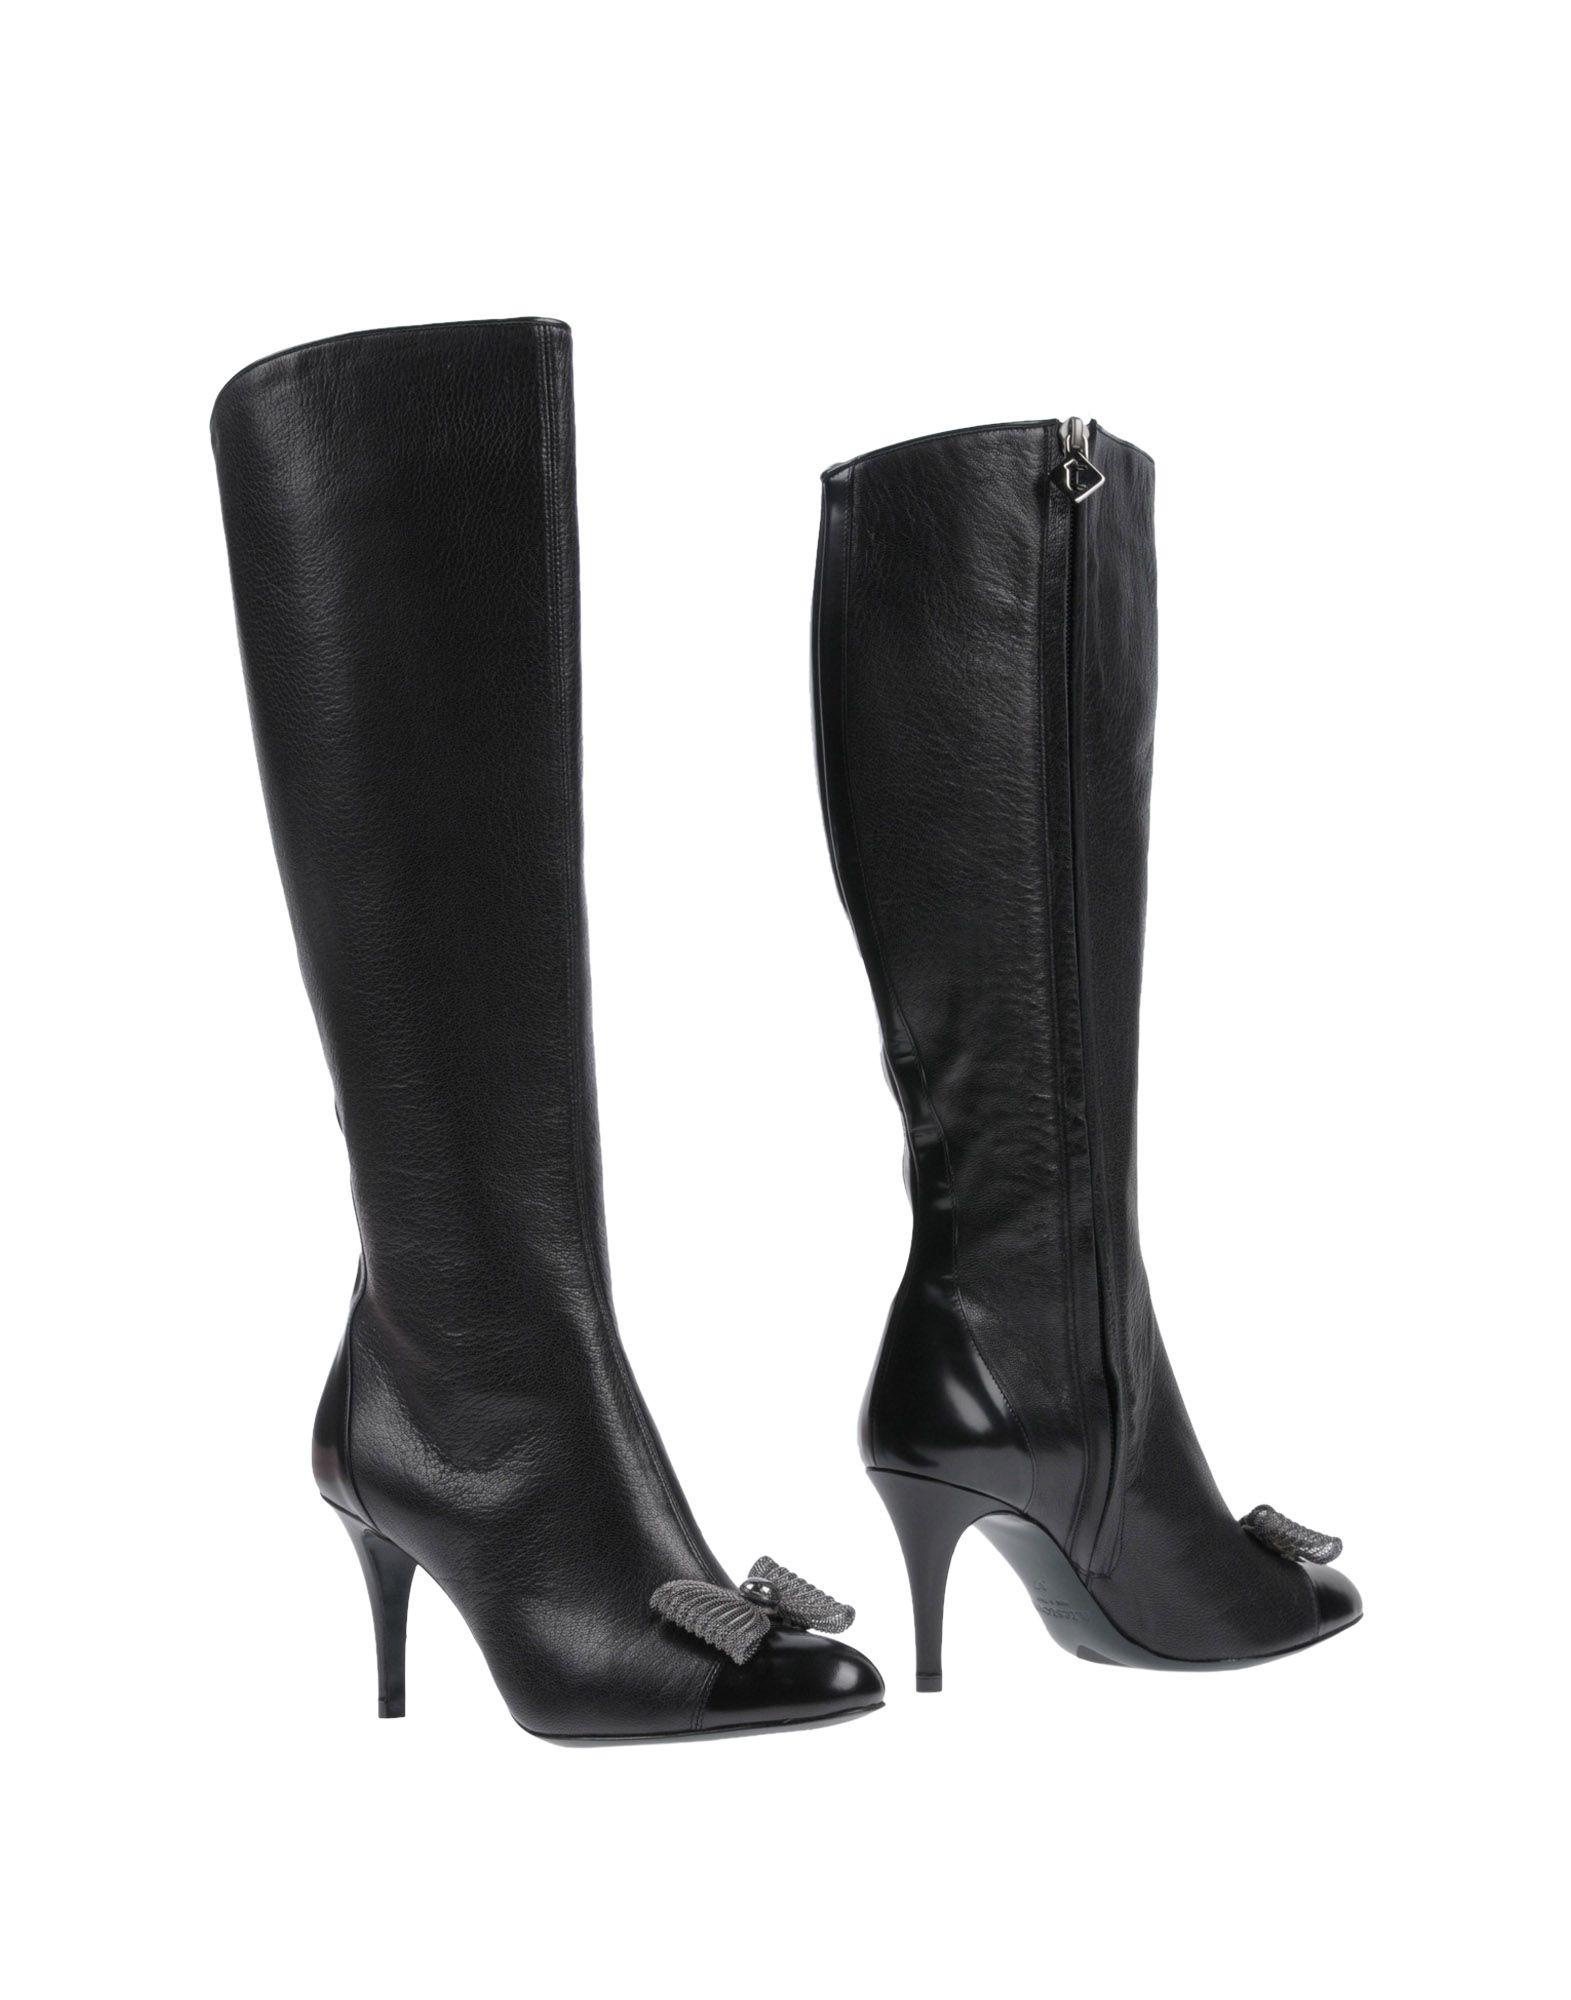 A. TESTONI Boots, Black